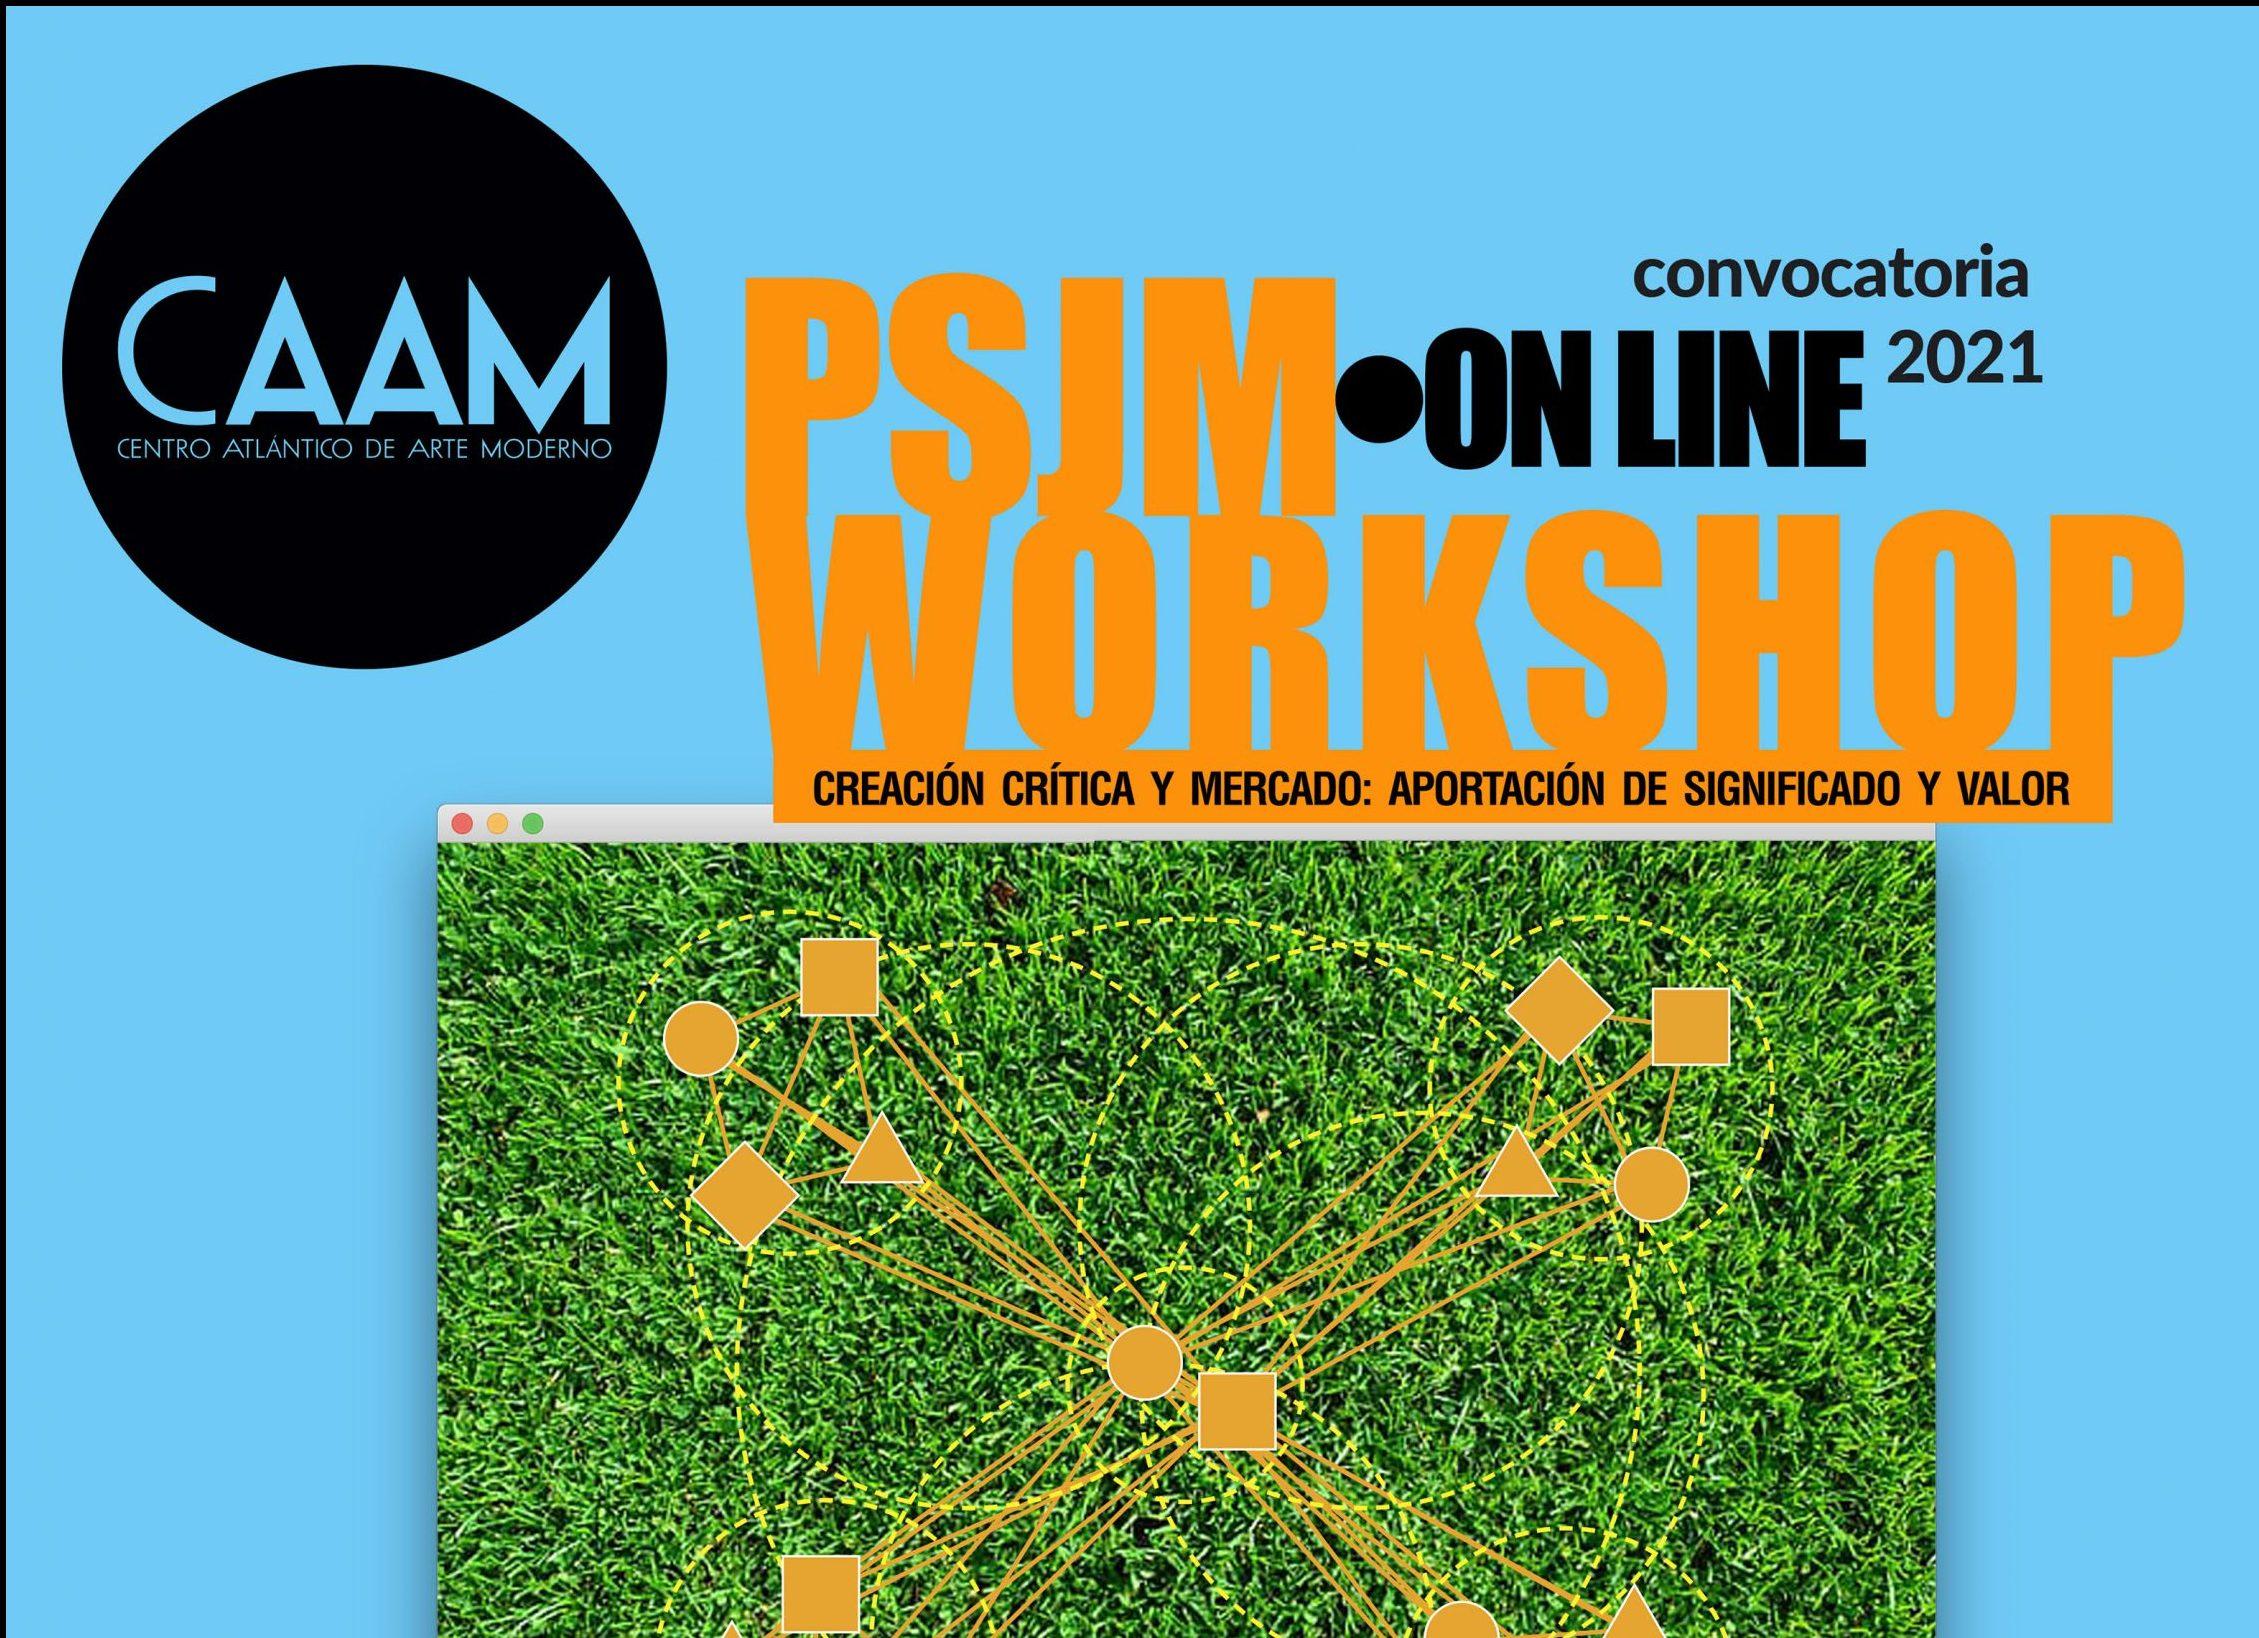 El CAAM convoca 16 becas para el taller virtual sobre creación contemporánea que impartirá en junio el equipo artístico PSJM